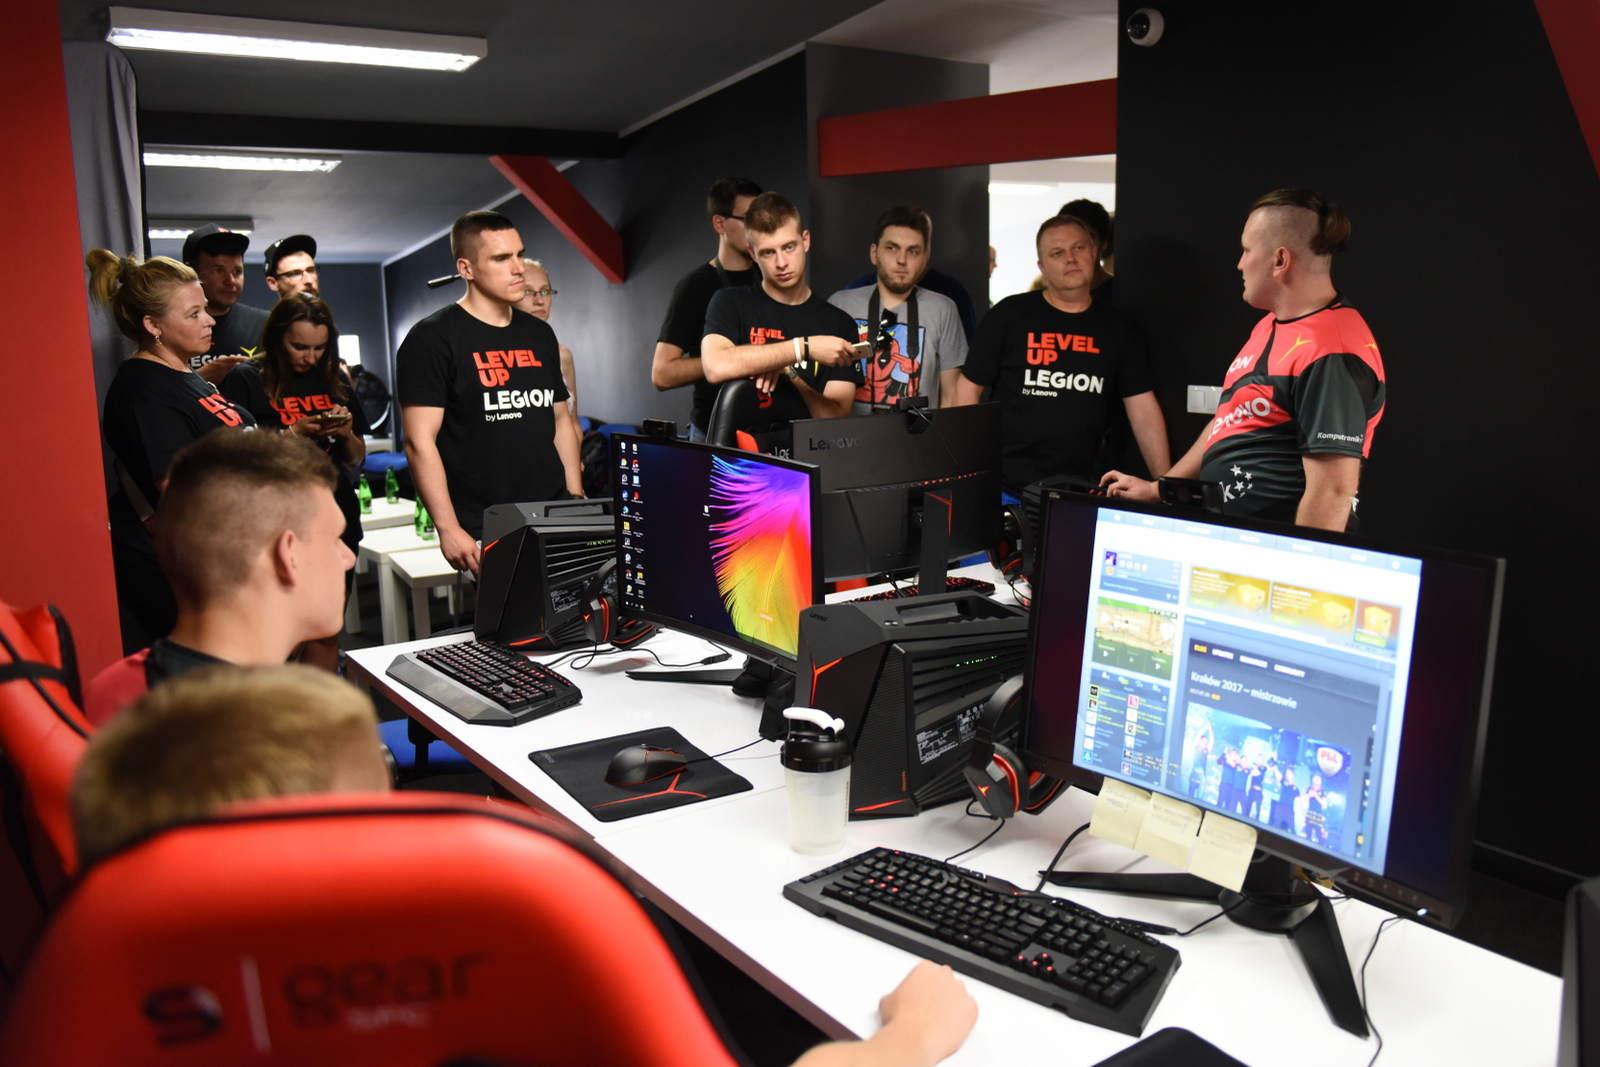 The Legion ekipa e-sportowa - zdjęcie 2